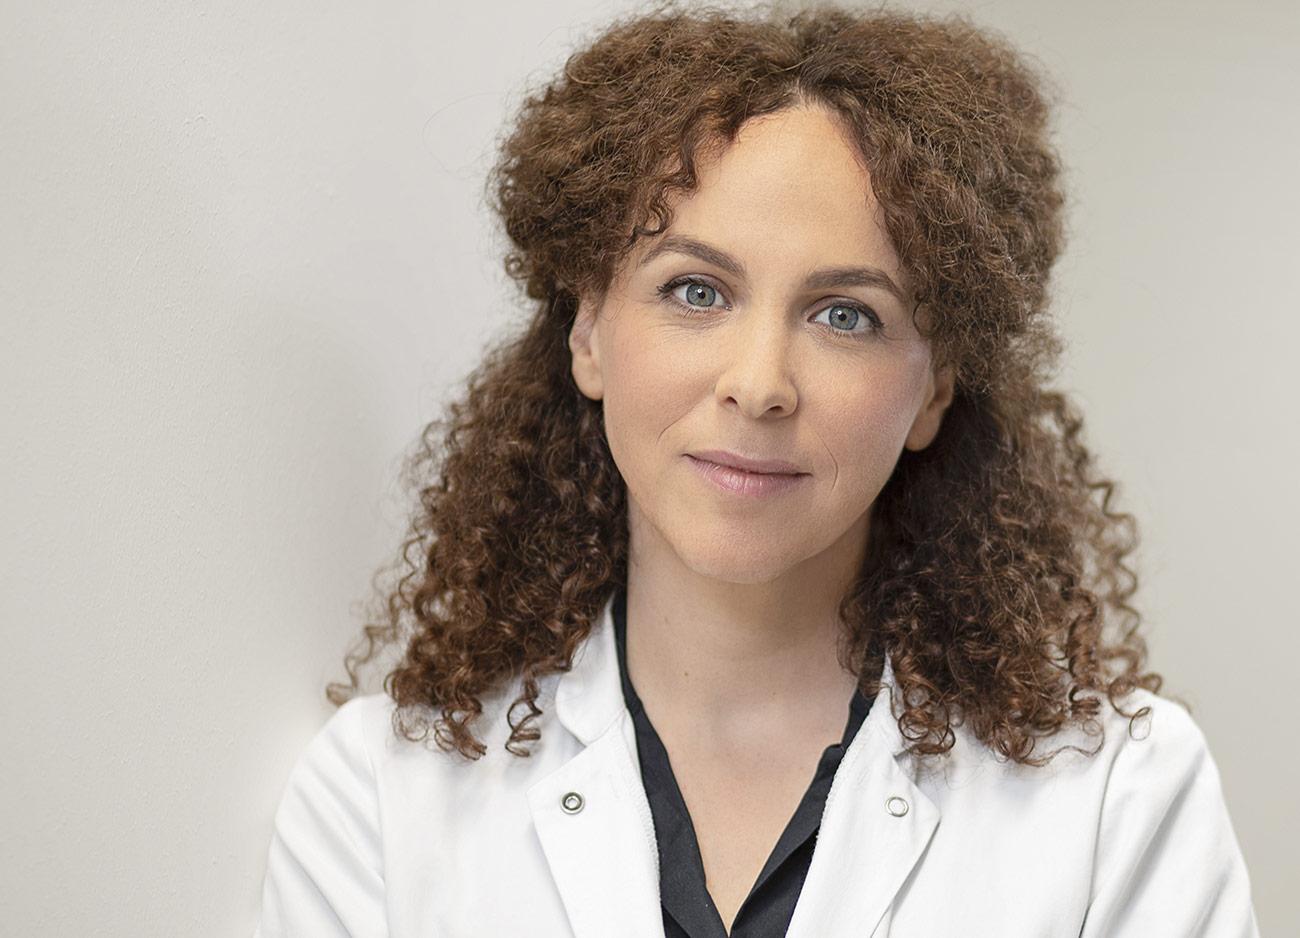 Dr. med. Ilana Goldscheider - Dermatologie im Isarklinikum